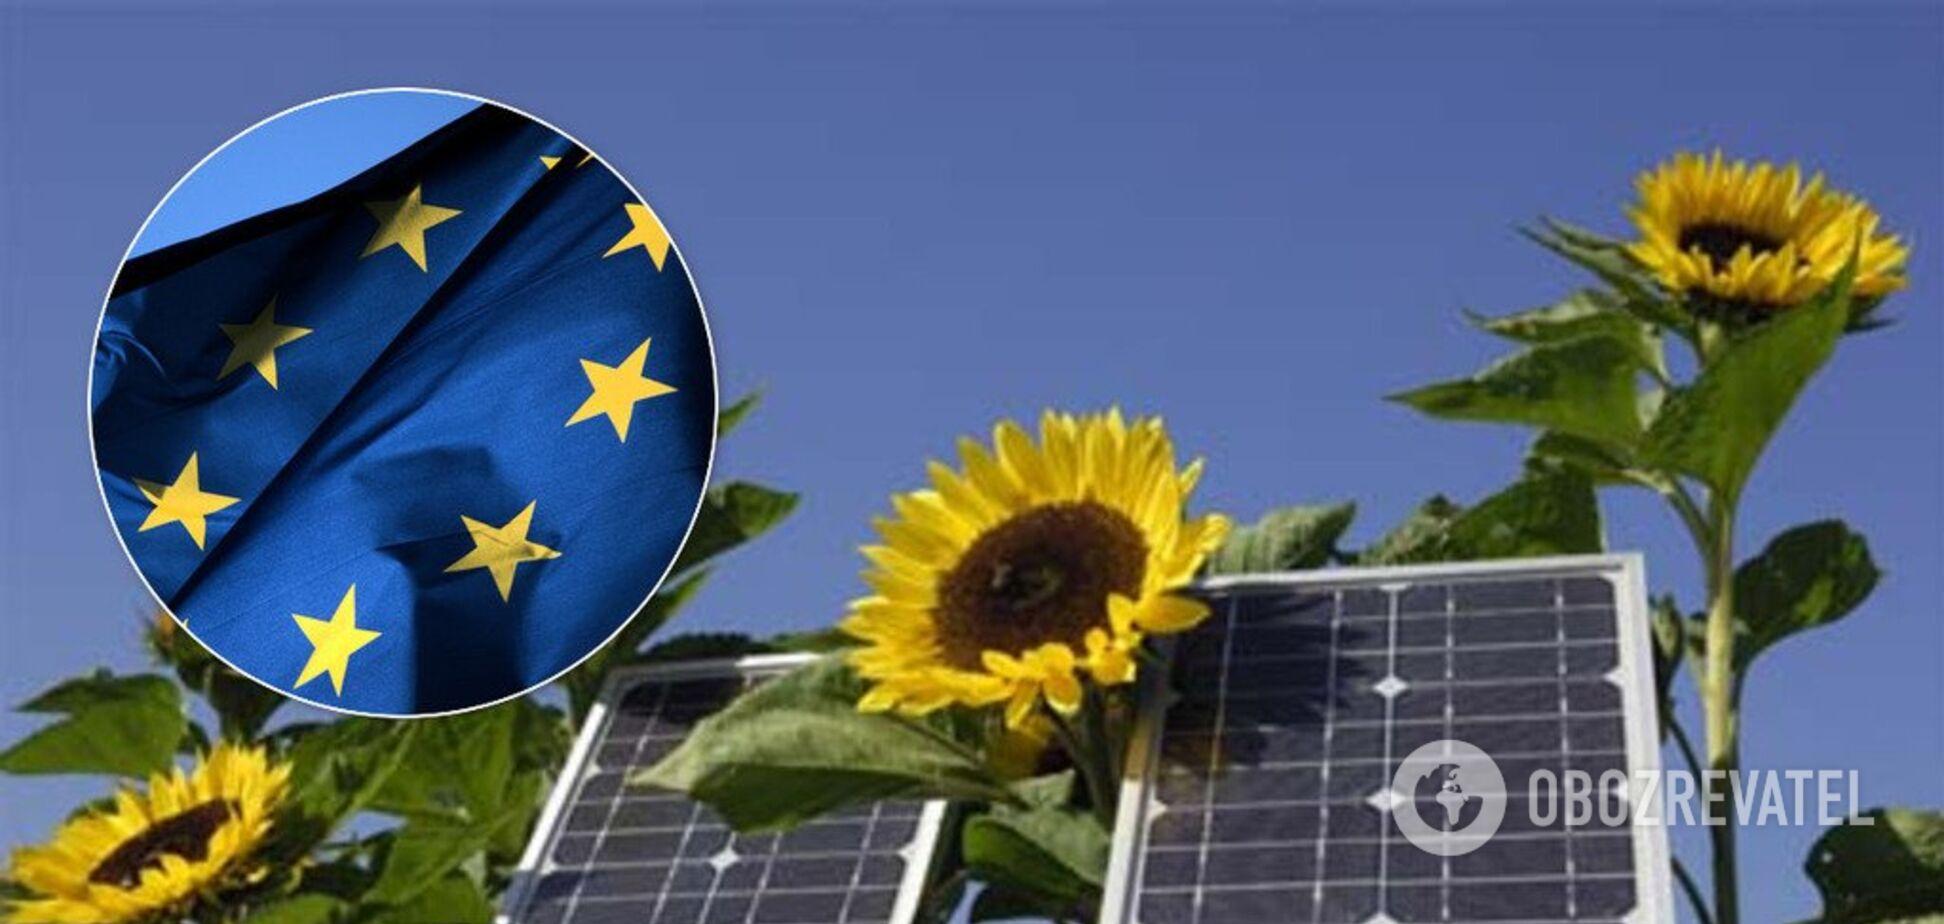 Інвестори просять Зеленського закликати Геруса до пошуку компромісу щодо 'зеленого' тарифу